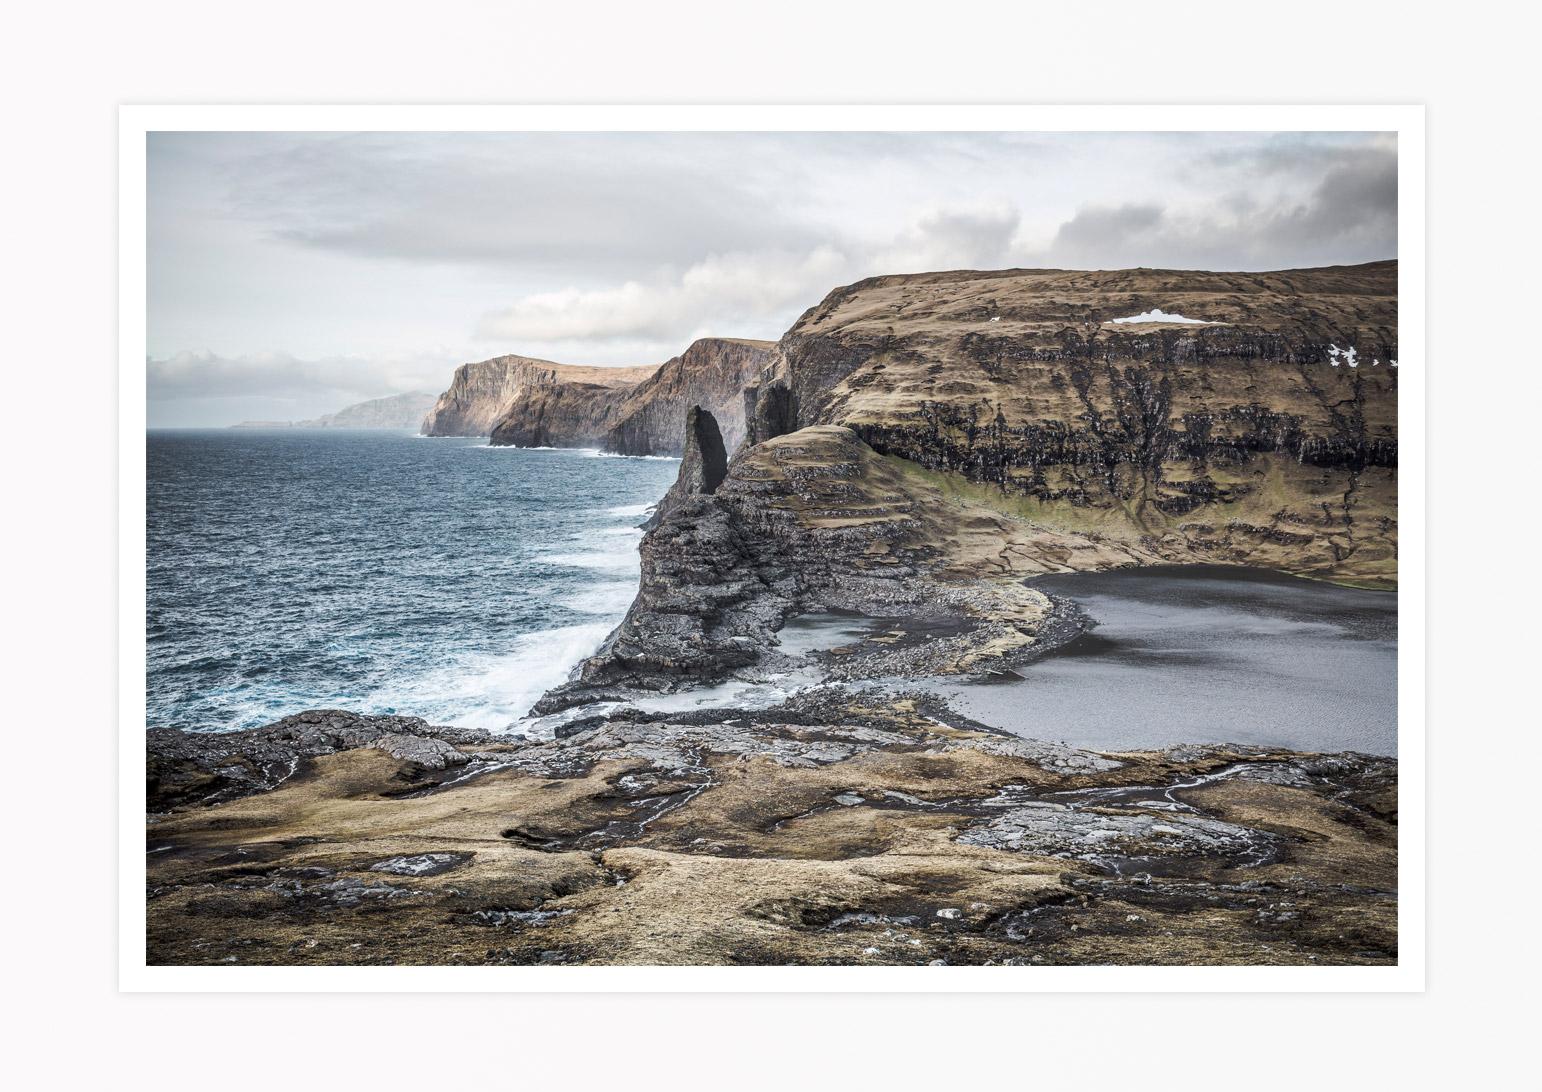 FAROE-ISLANDS-SORVAGSVATN-LEITISVATN